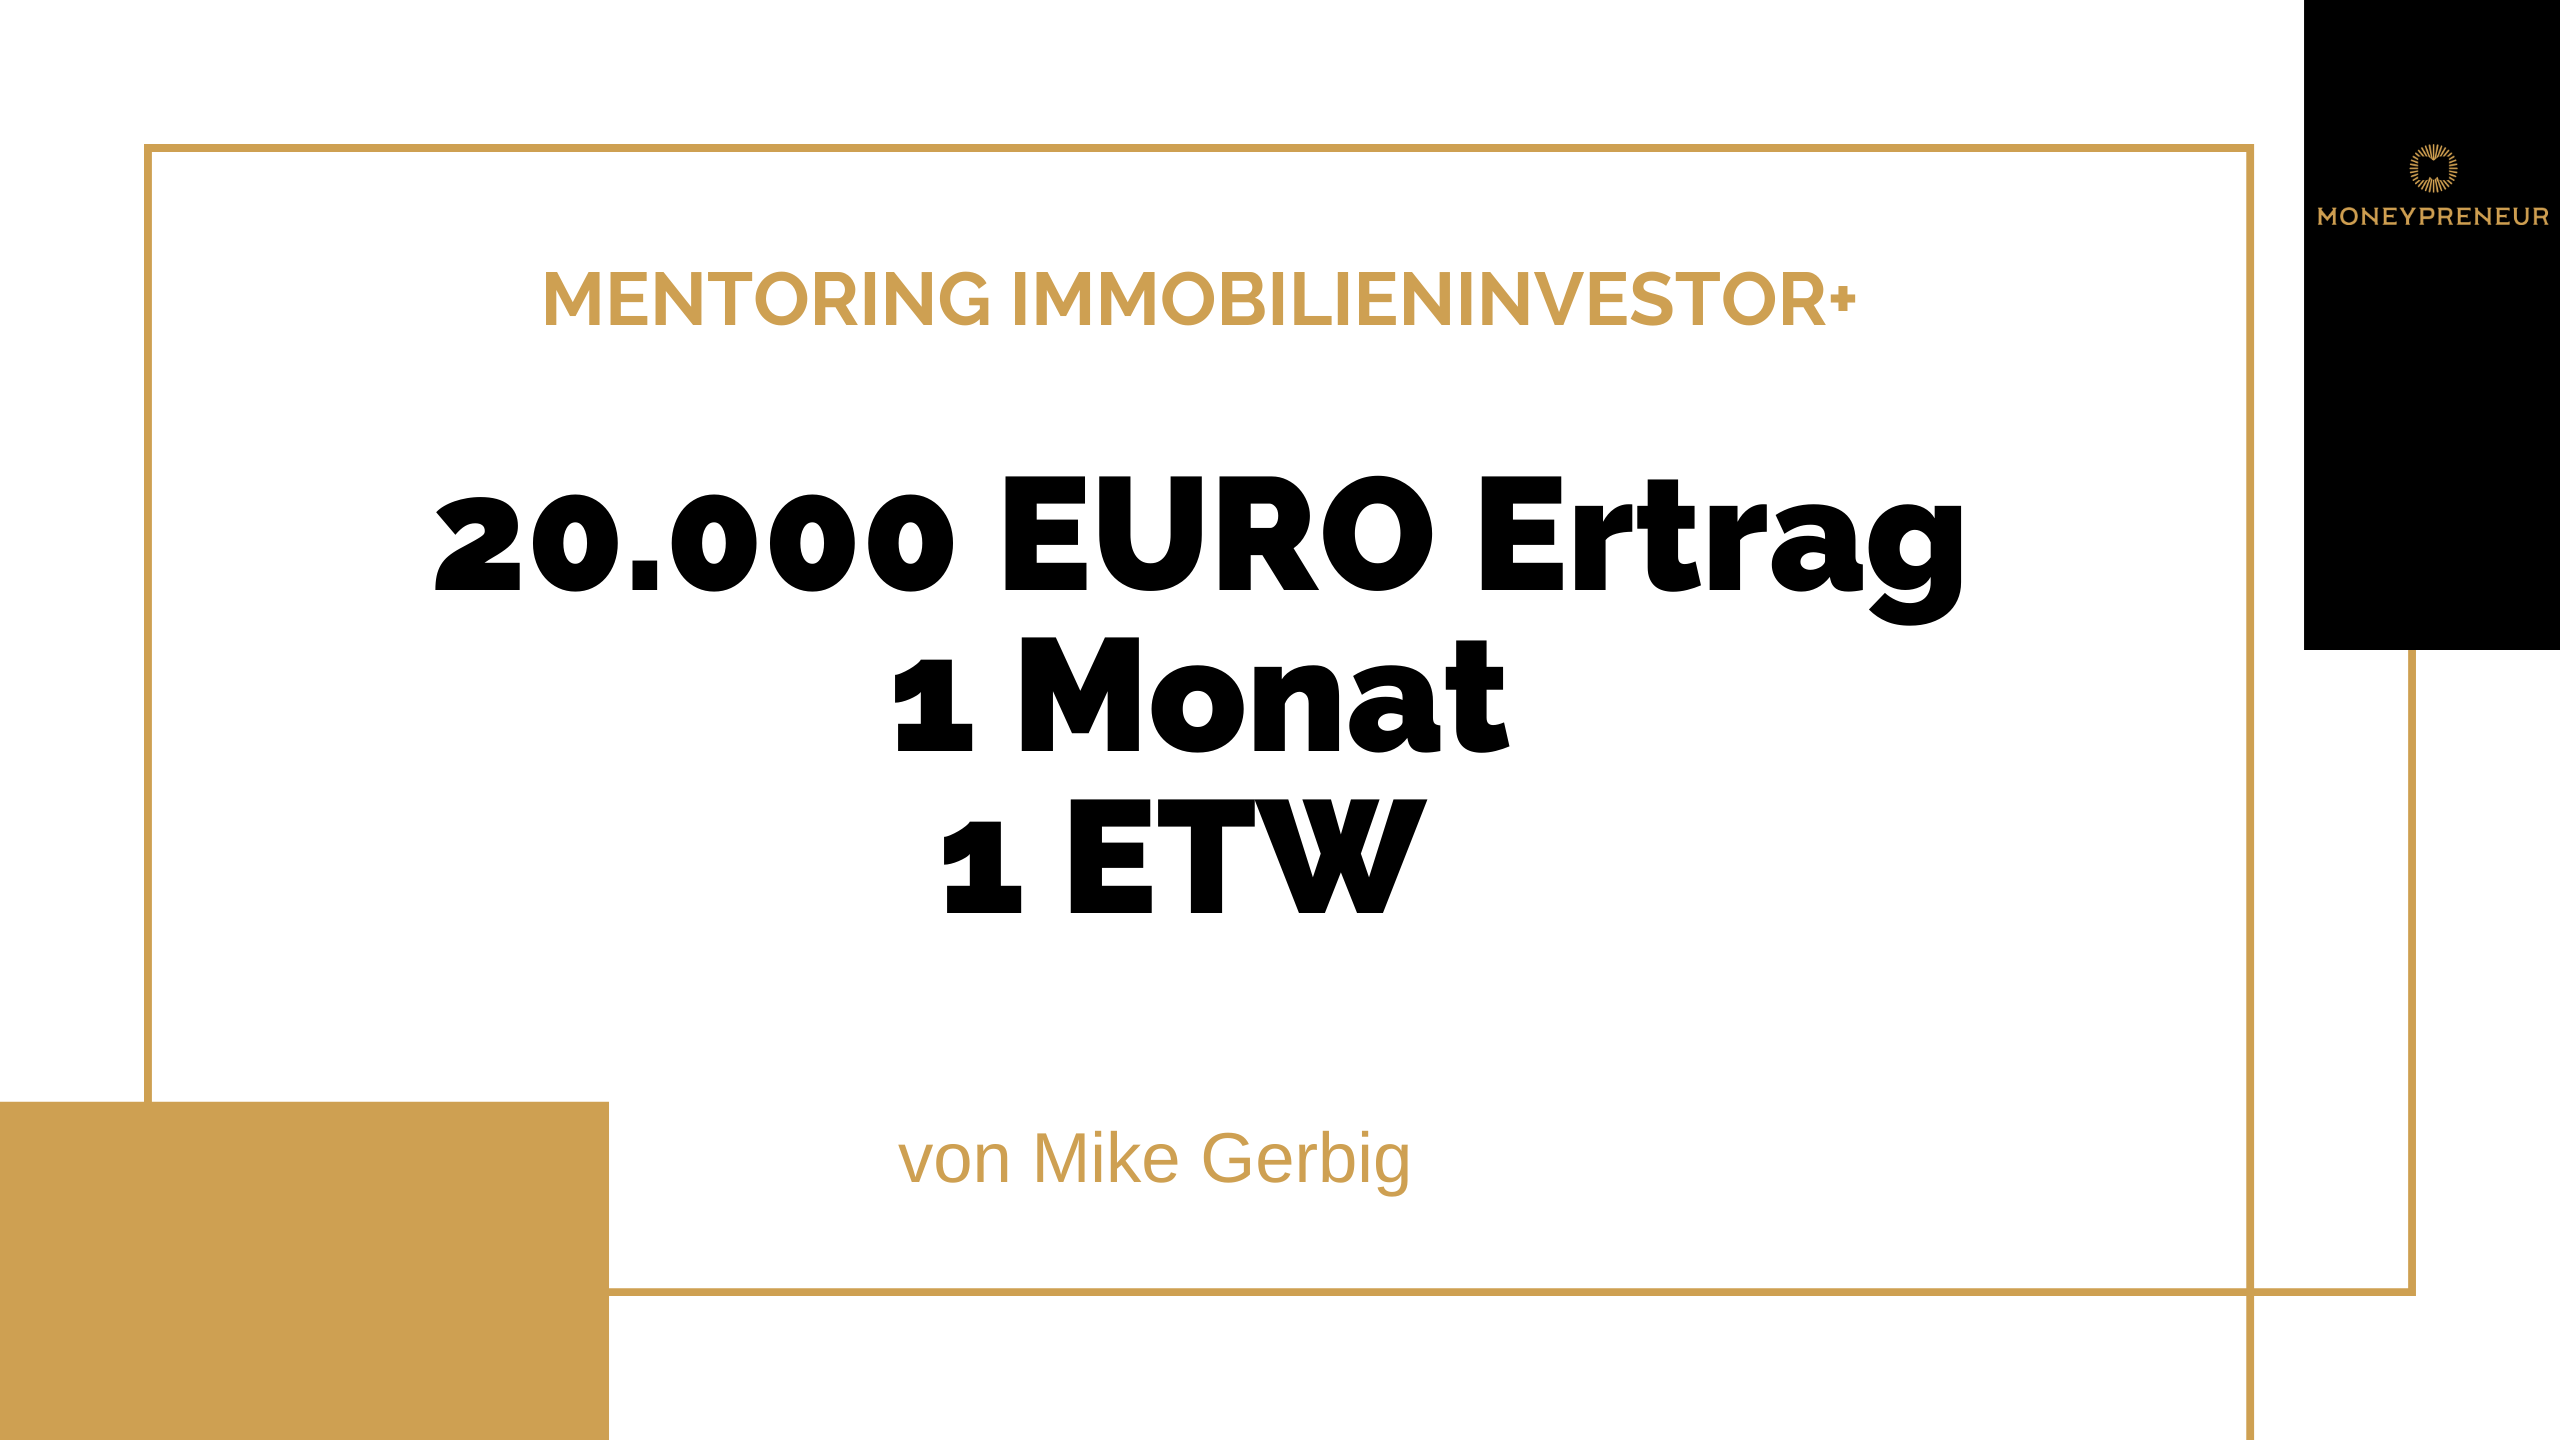 20.000-EURO-Ertrag-1-Monat-1-ETW